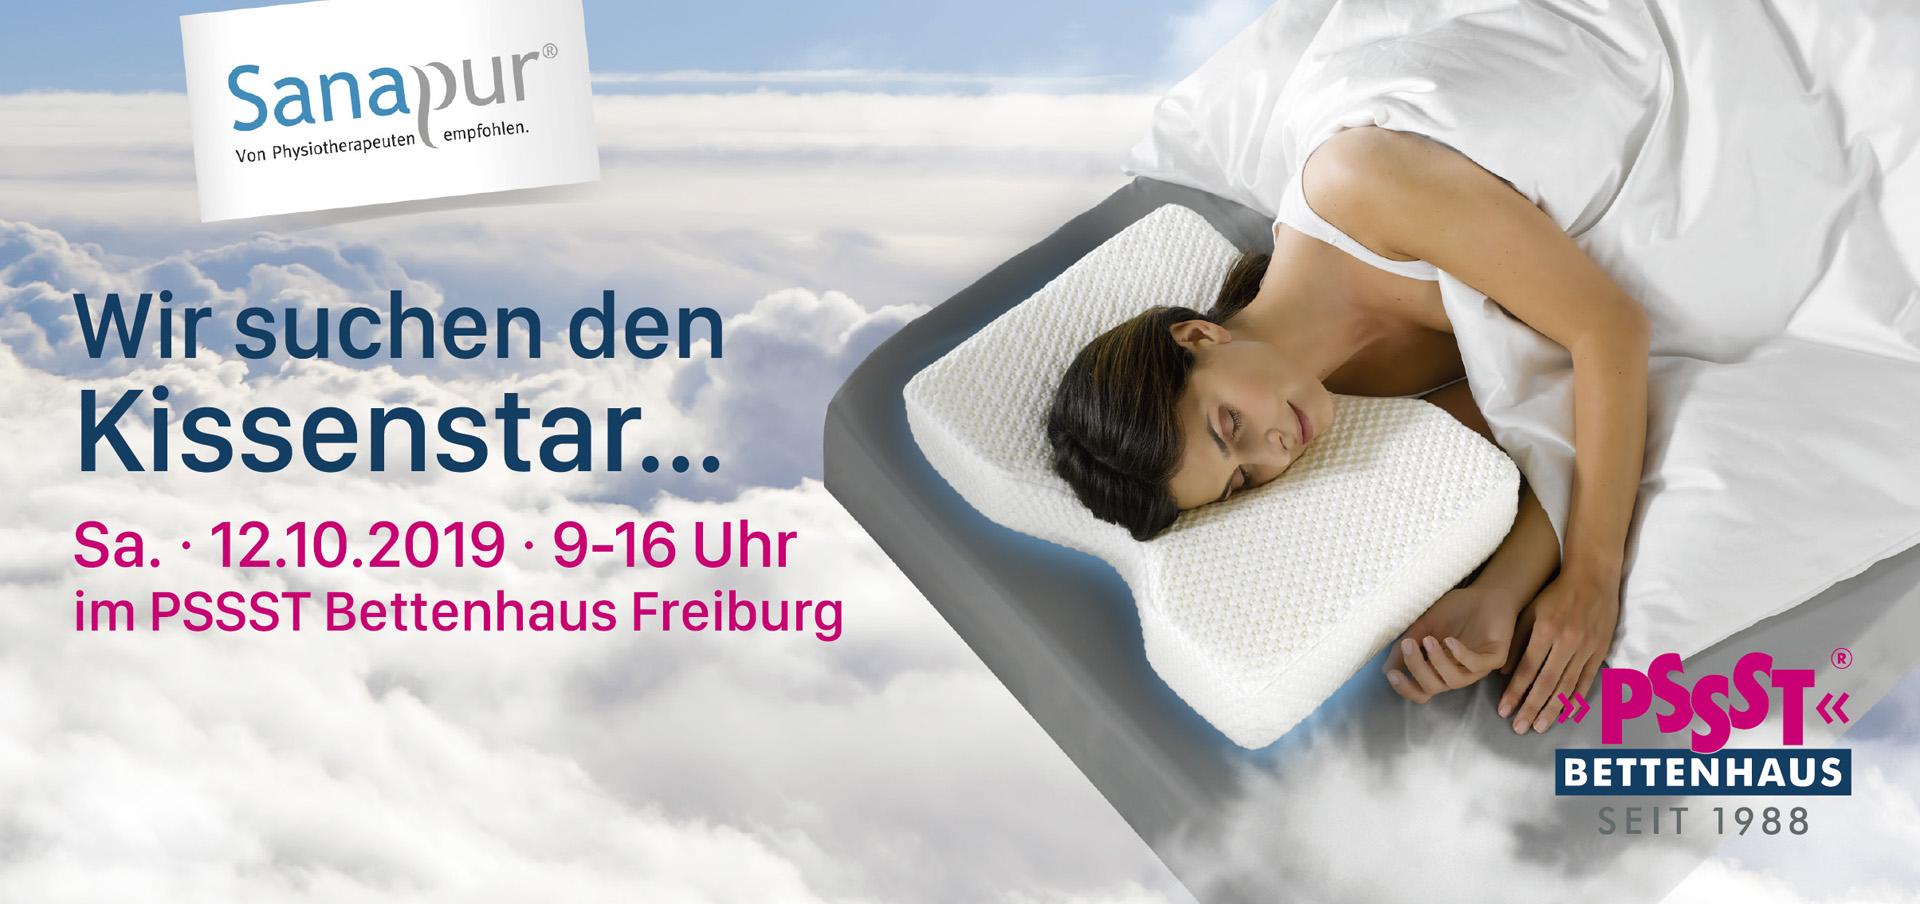 Sanapur Testschläfer Aktion Bettenhaus Freiburg